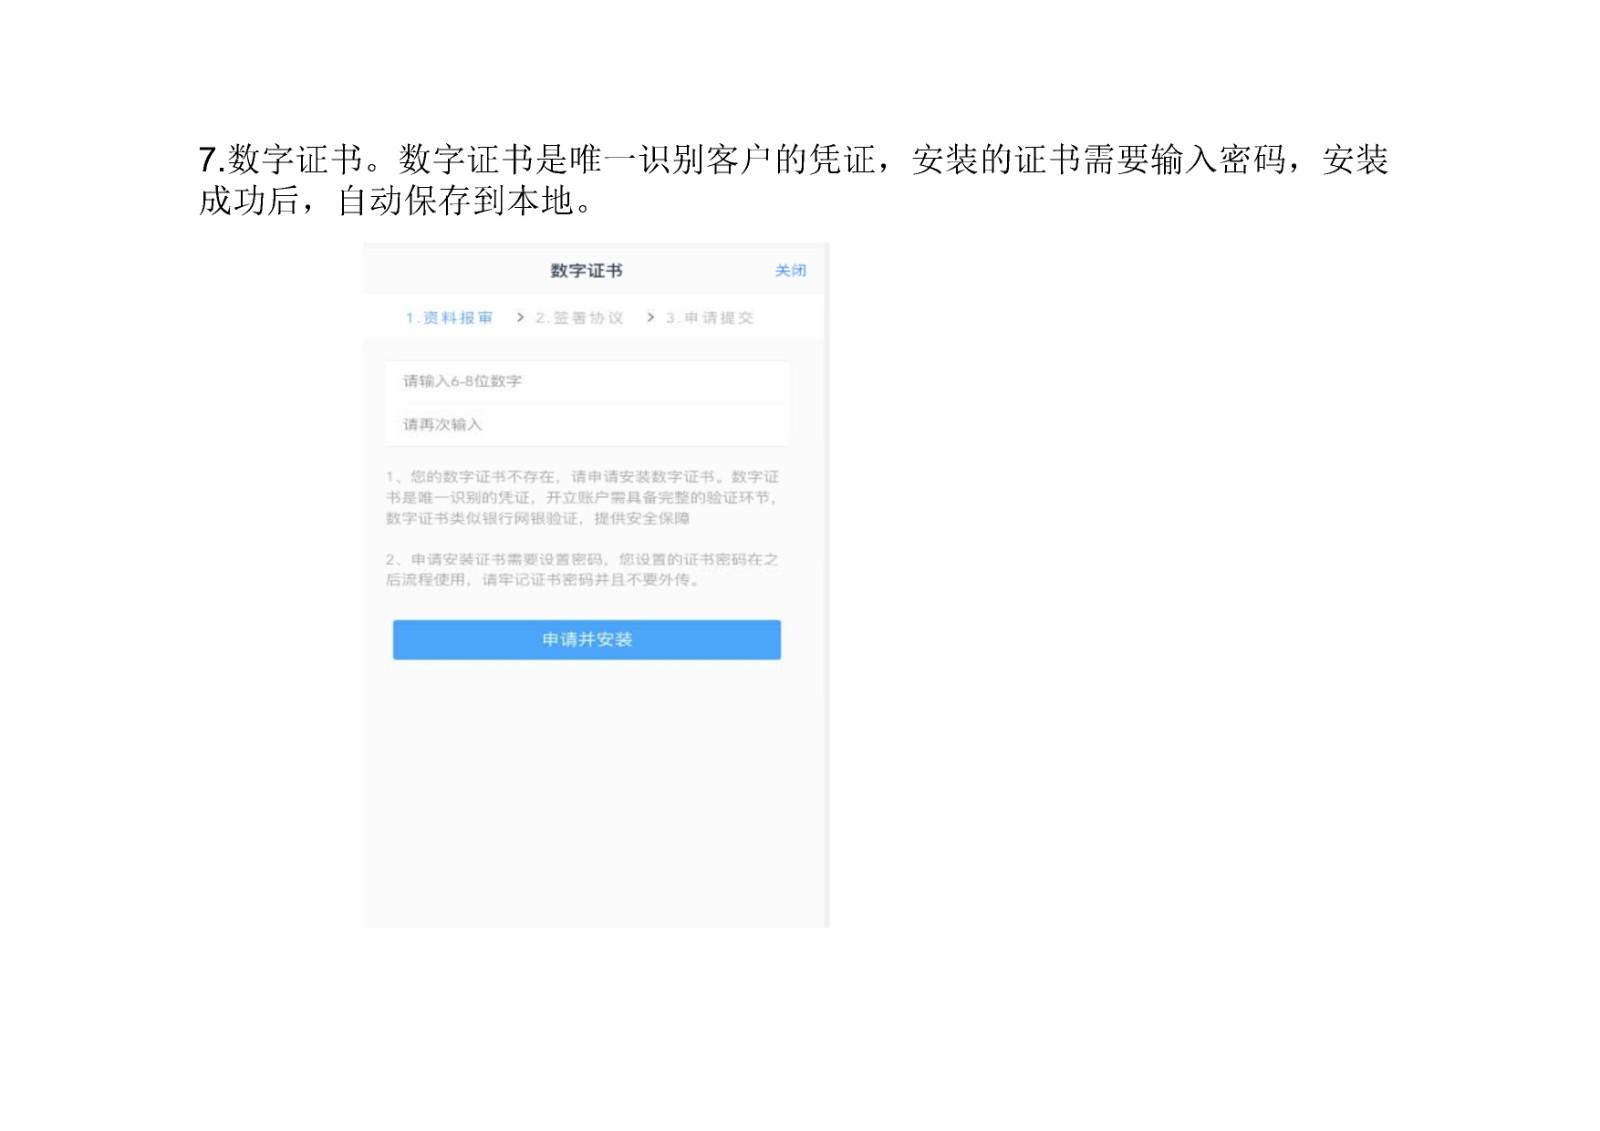 增开交易编码流程_Page9.jpg